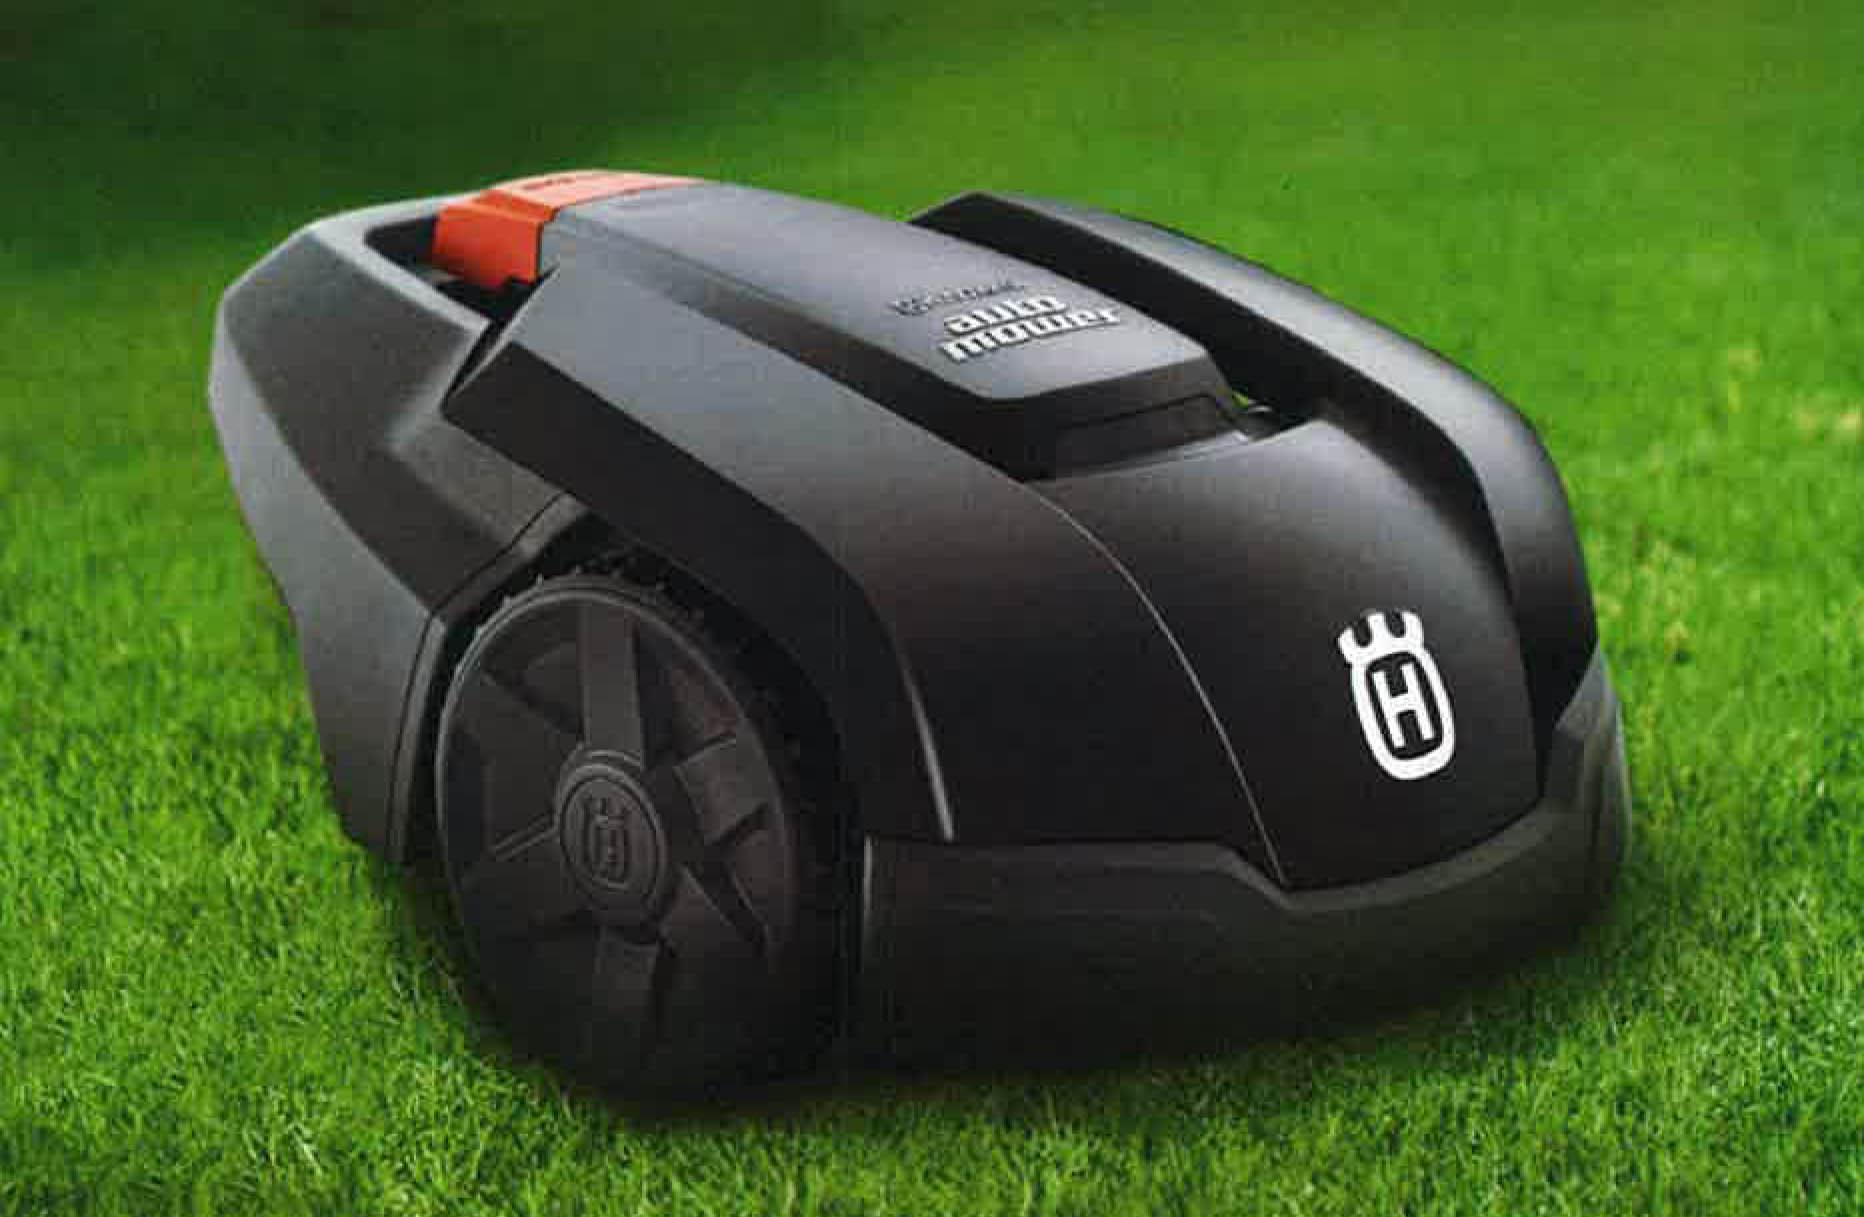 2020年最新モデル!ハスクバーナ ロボット芝刈り機(家庭用)大特価で激安!全自動芝刈り作業可能 105 芝刈り機、草刈機、草刈り機、不動産管理物件管理や果樹園下草刈り等、雑草刈にも最適。常時芝地や雑草地を綺麗な状態に保てます。